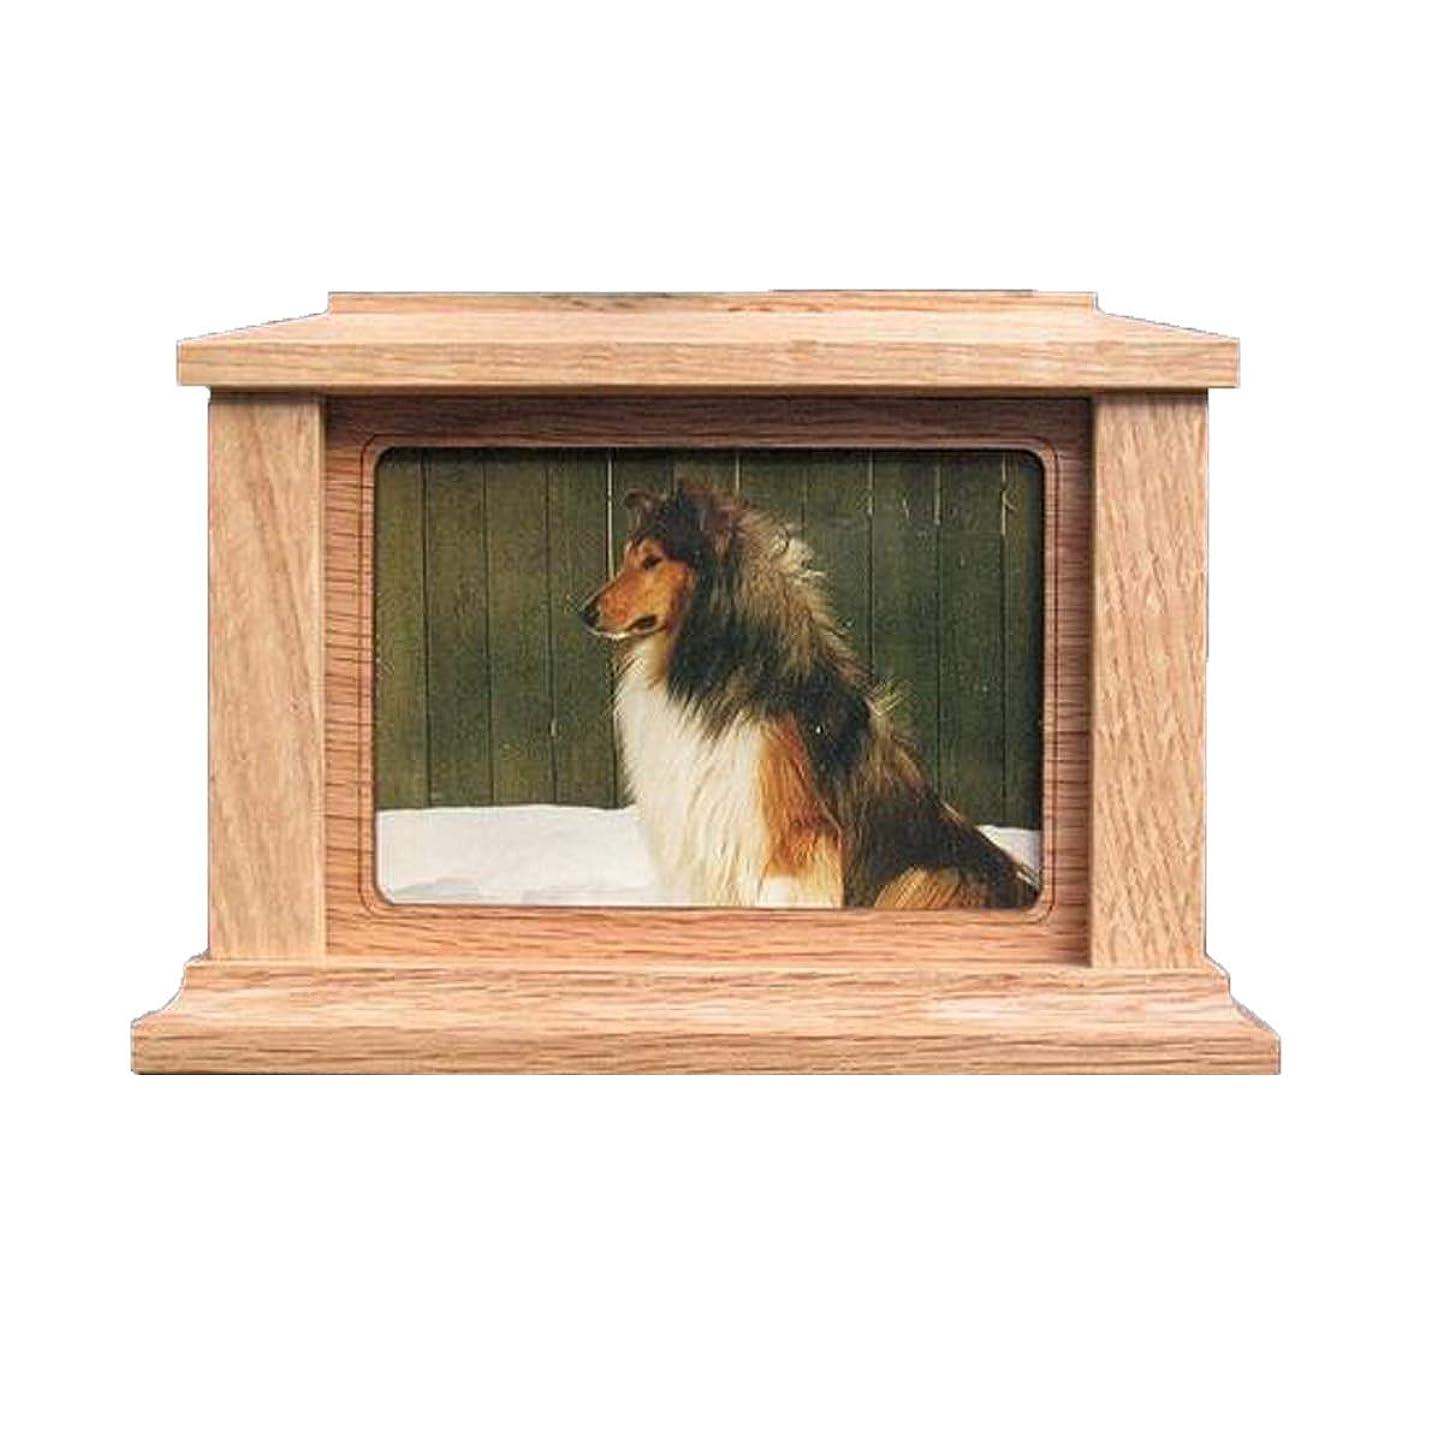 ラッカス知り合いちらつきXIAN ペットウルン、ペットのための排泄物、機能的なウルーン、アフリカのソリッドウッド、環境にやさしいウルーン、防湿、封印された小型の犬と猫の記念碑 Find Peace With This Lovely Dog Or Cat Pet Cremation Urn